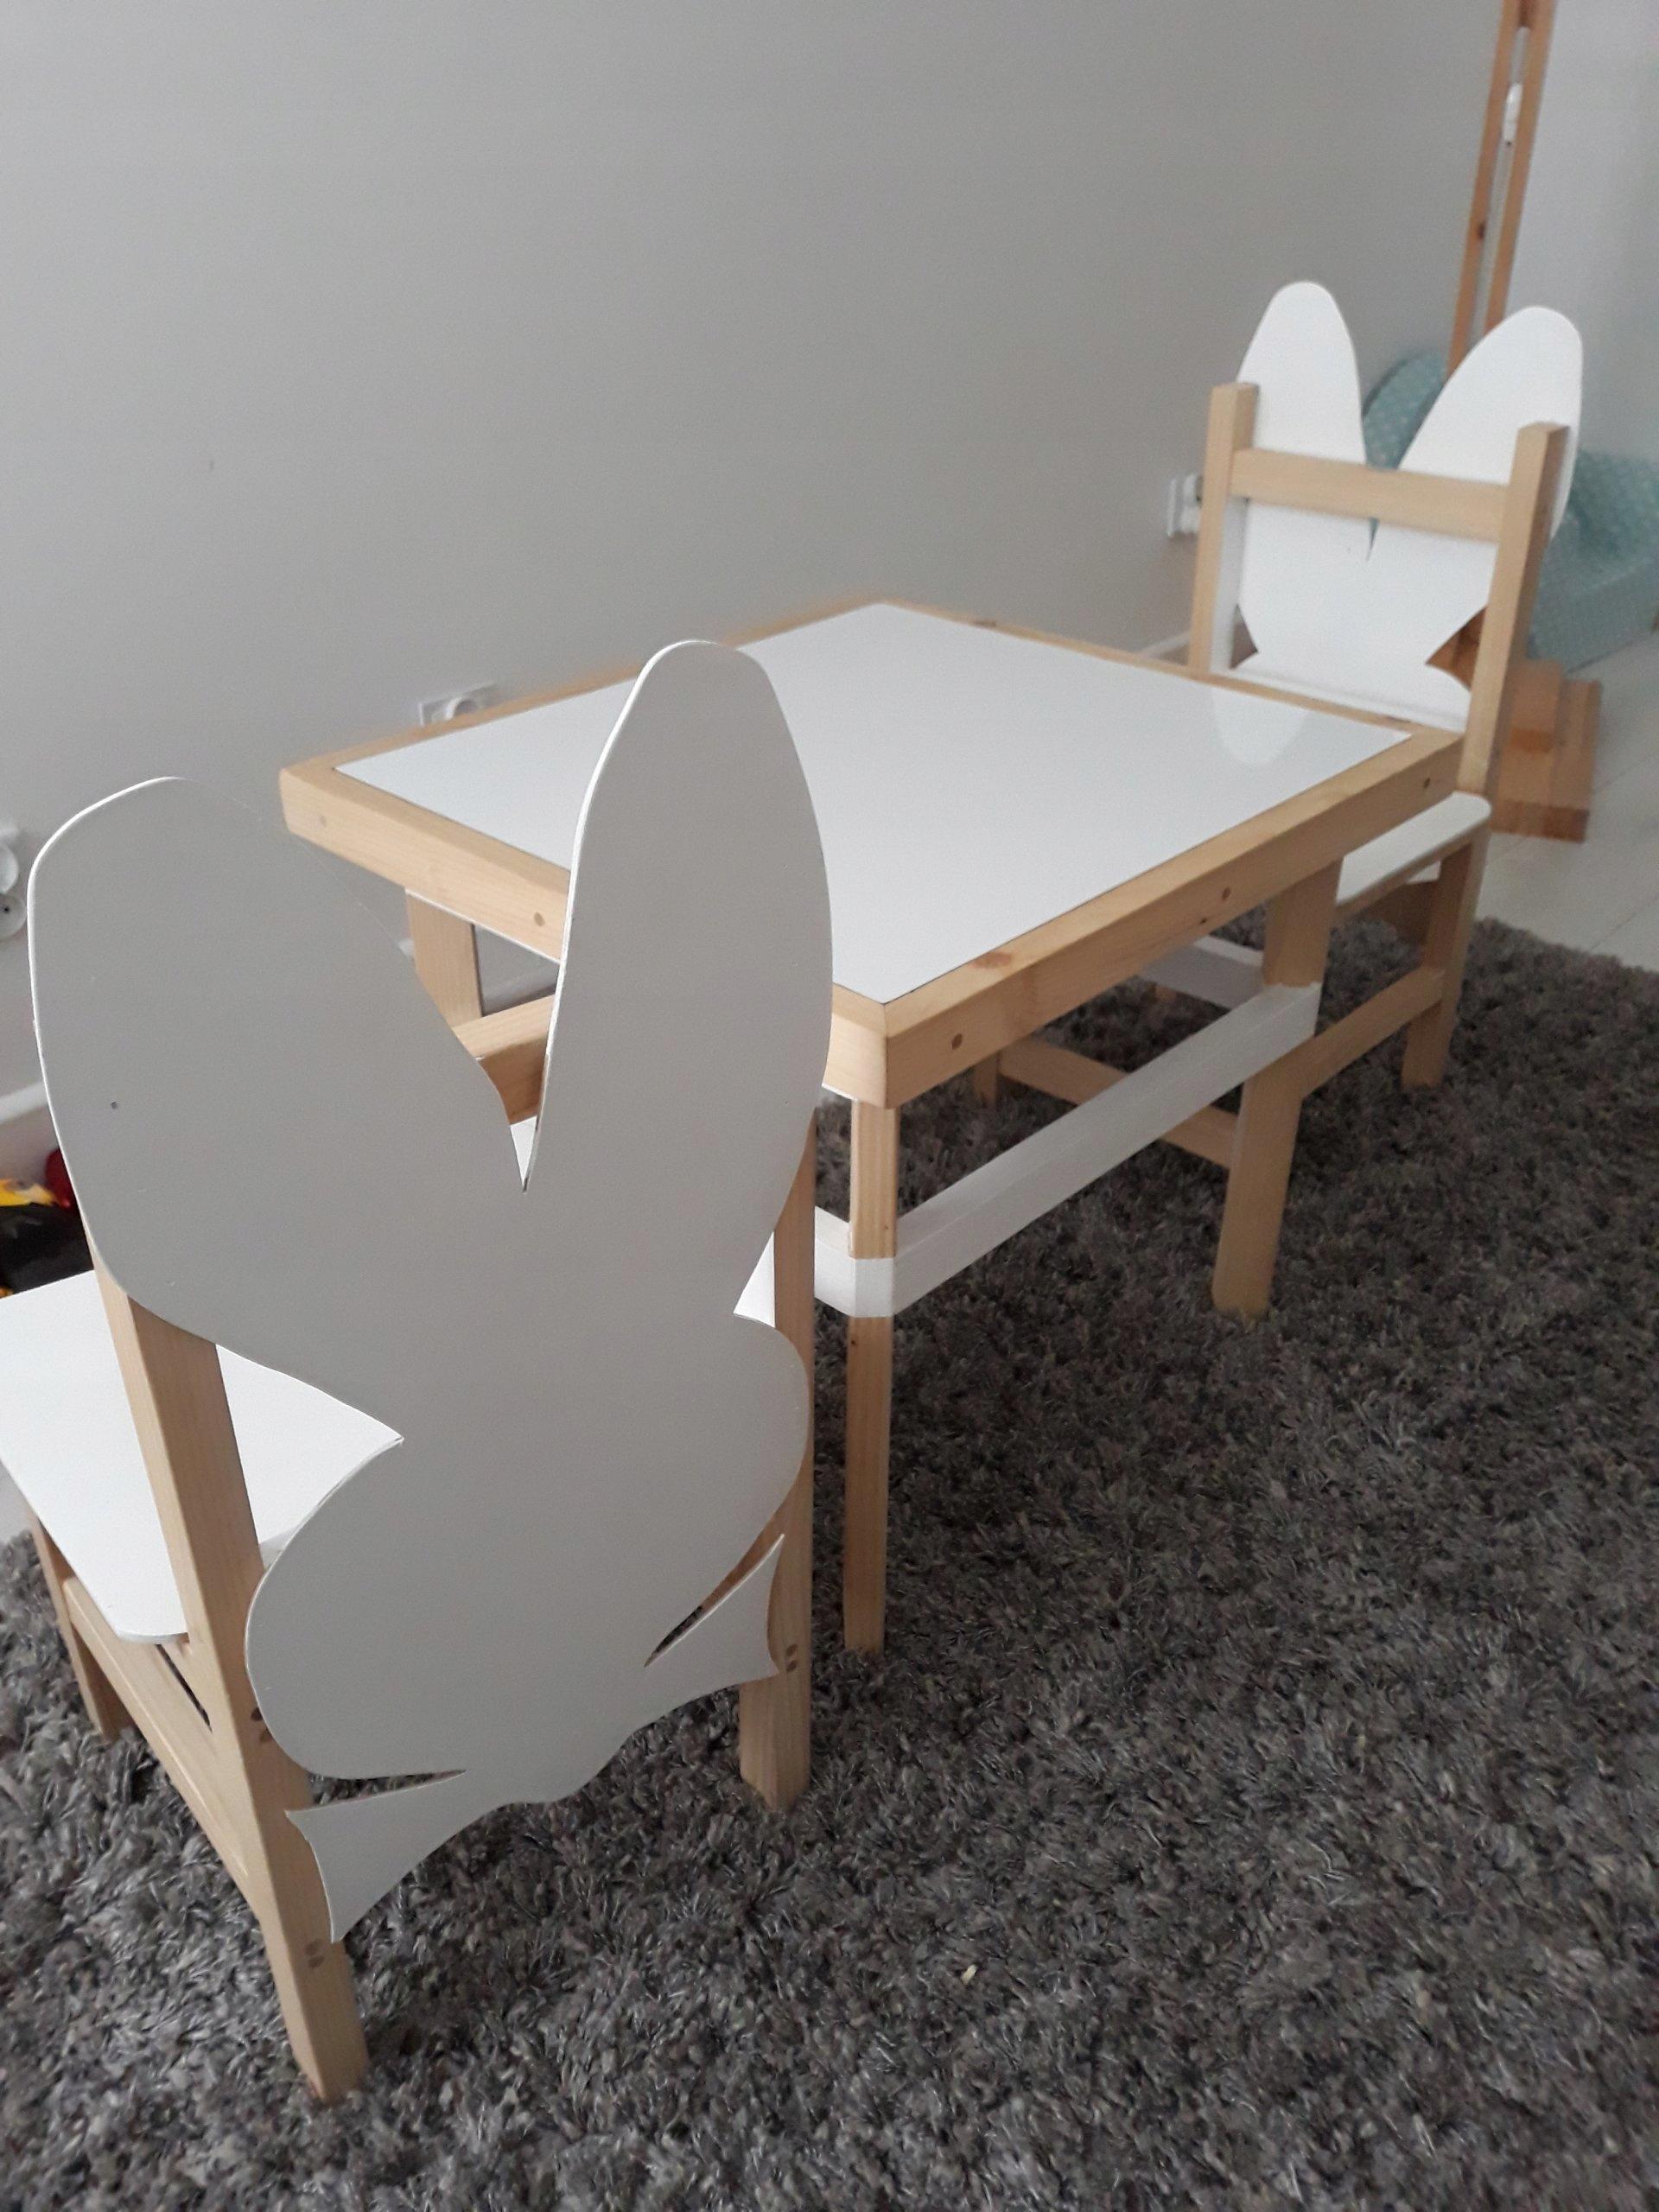 Drewniany Zestaw Dzieci Stolik 2 Krzesła Królik 7499390869